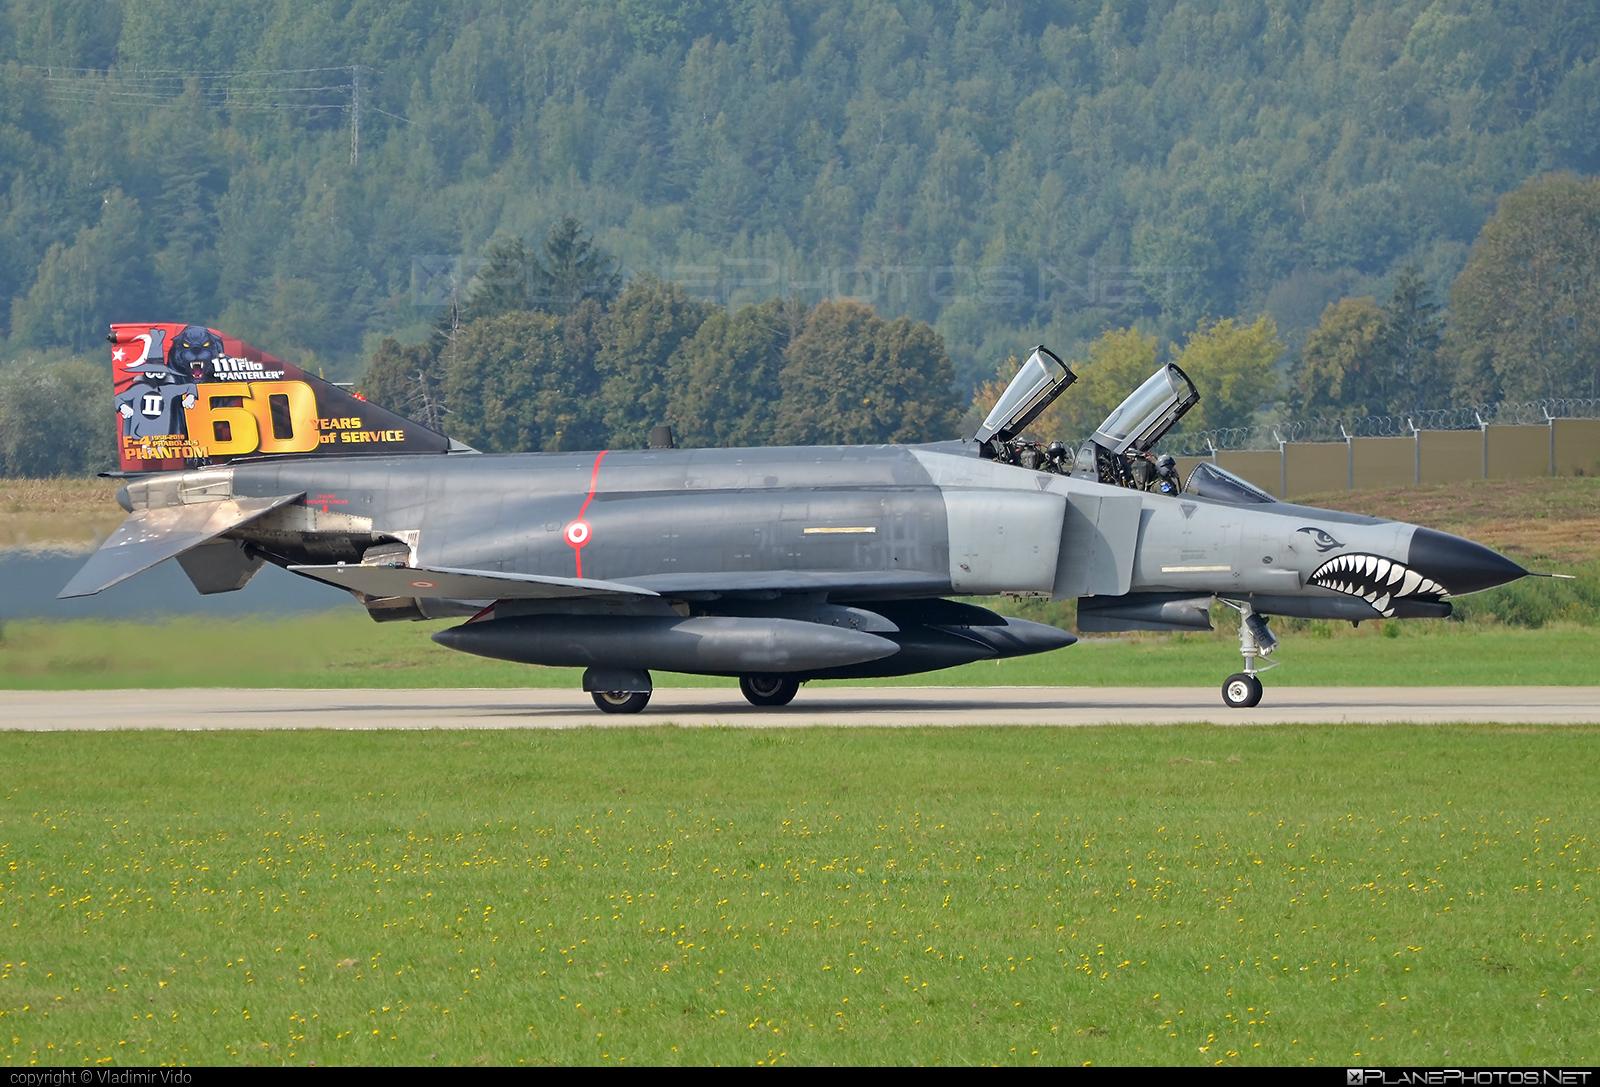 McDonnell Douglas F-4E Terminator 2020 - 77-0296 operated by Türk Hava Kuvvetleri (Turkish Air Force) #mcdonnelldouglas #siaf #siaf2018 #turkishairforce